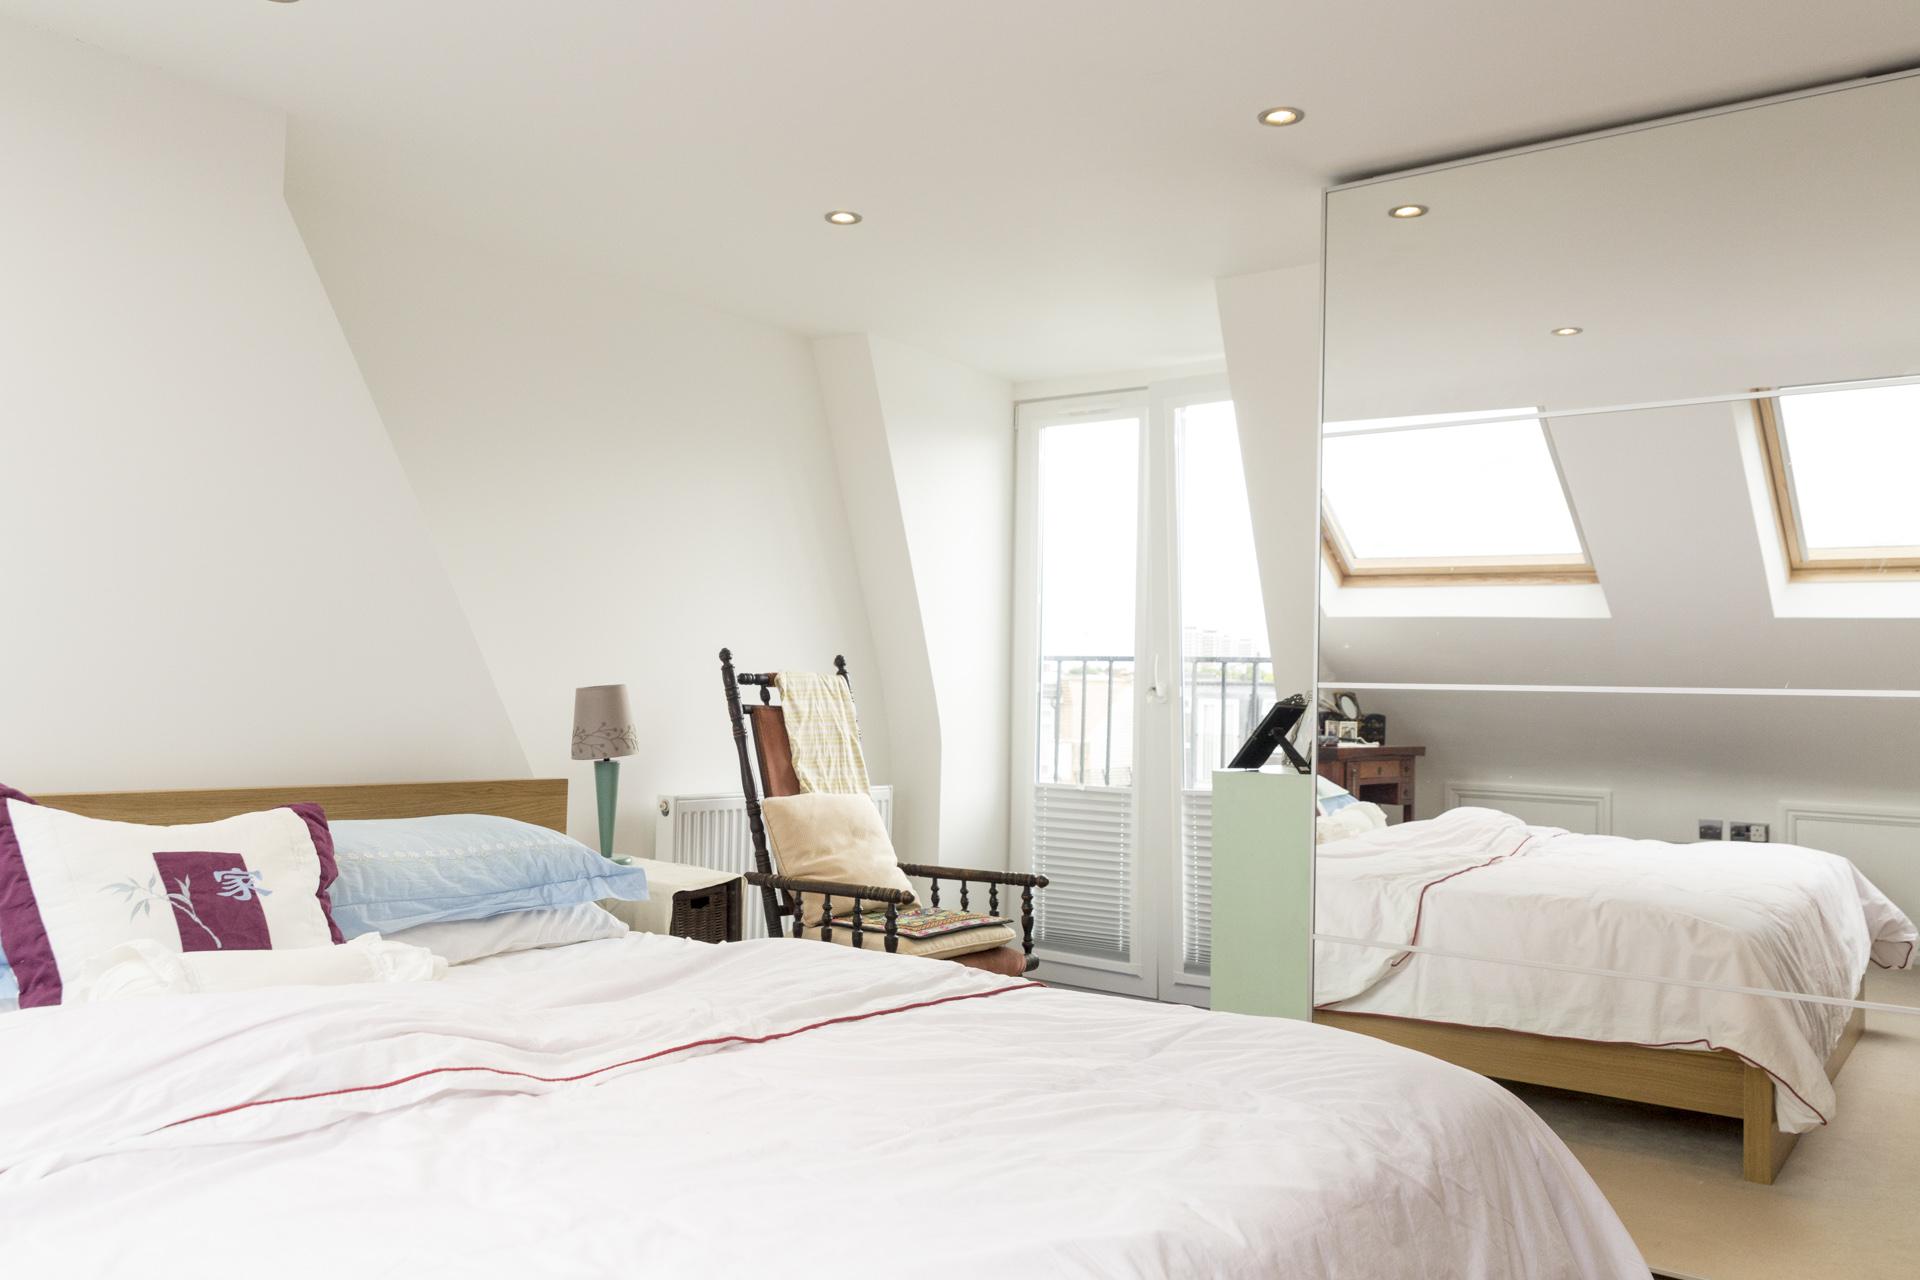 Кровать изголовьем к окну в спальне с зеркалом